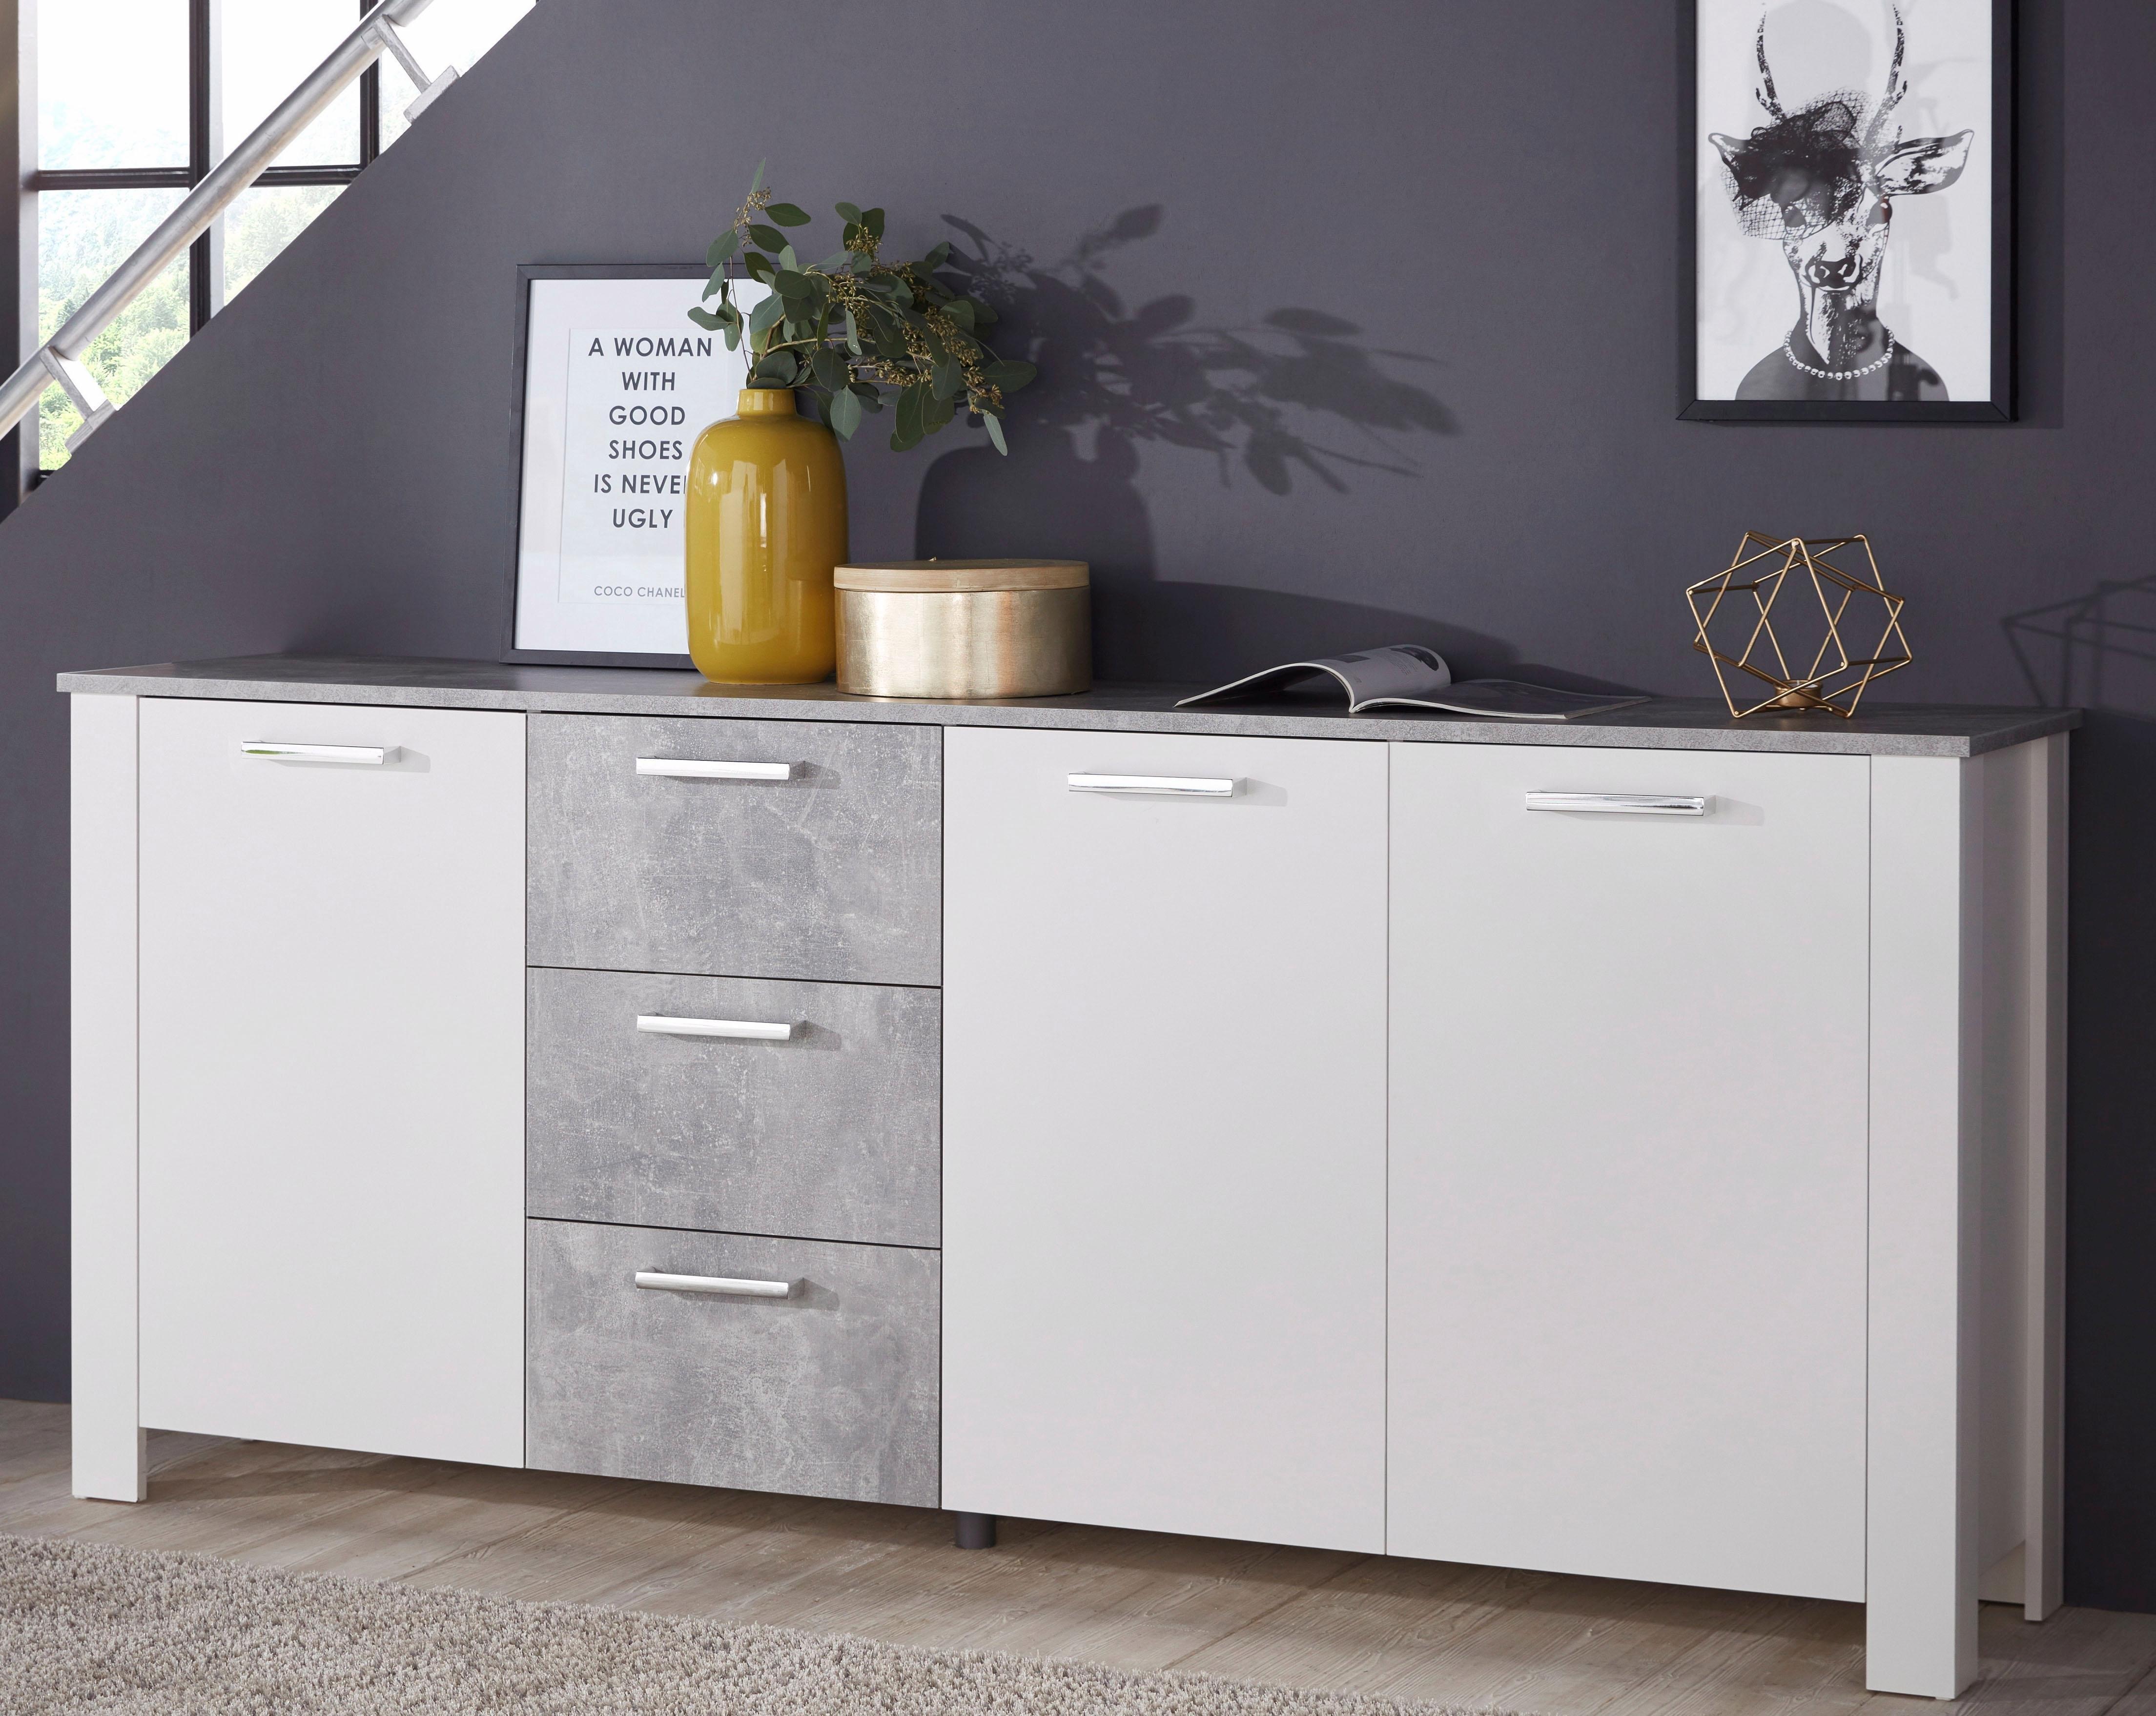 Homexperts »Zabona« dressoir, breedte 200 cm goedkoop op otto.nl kopen